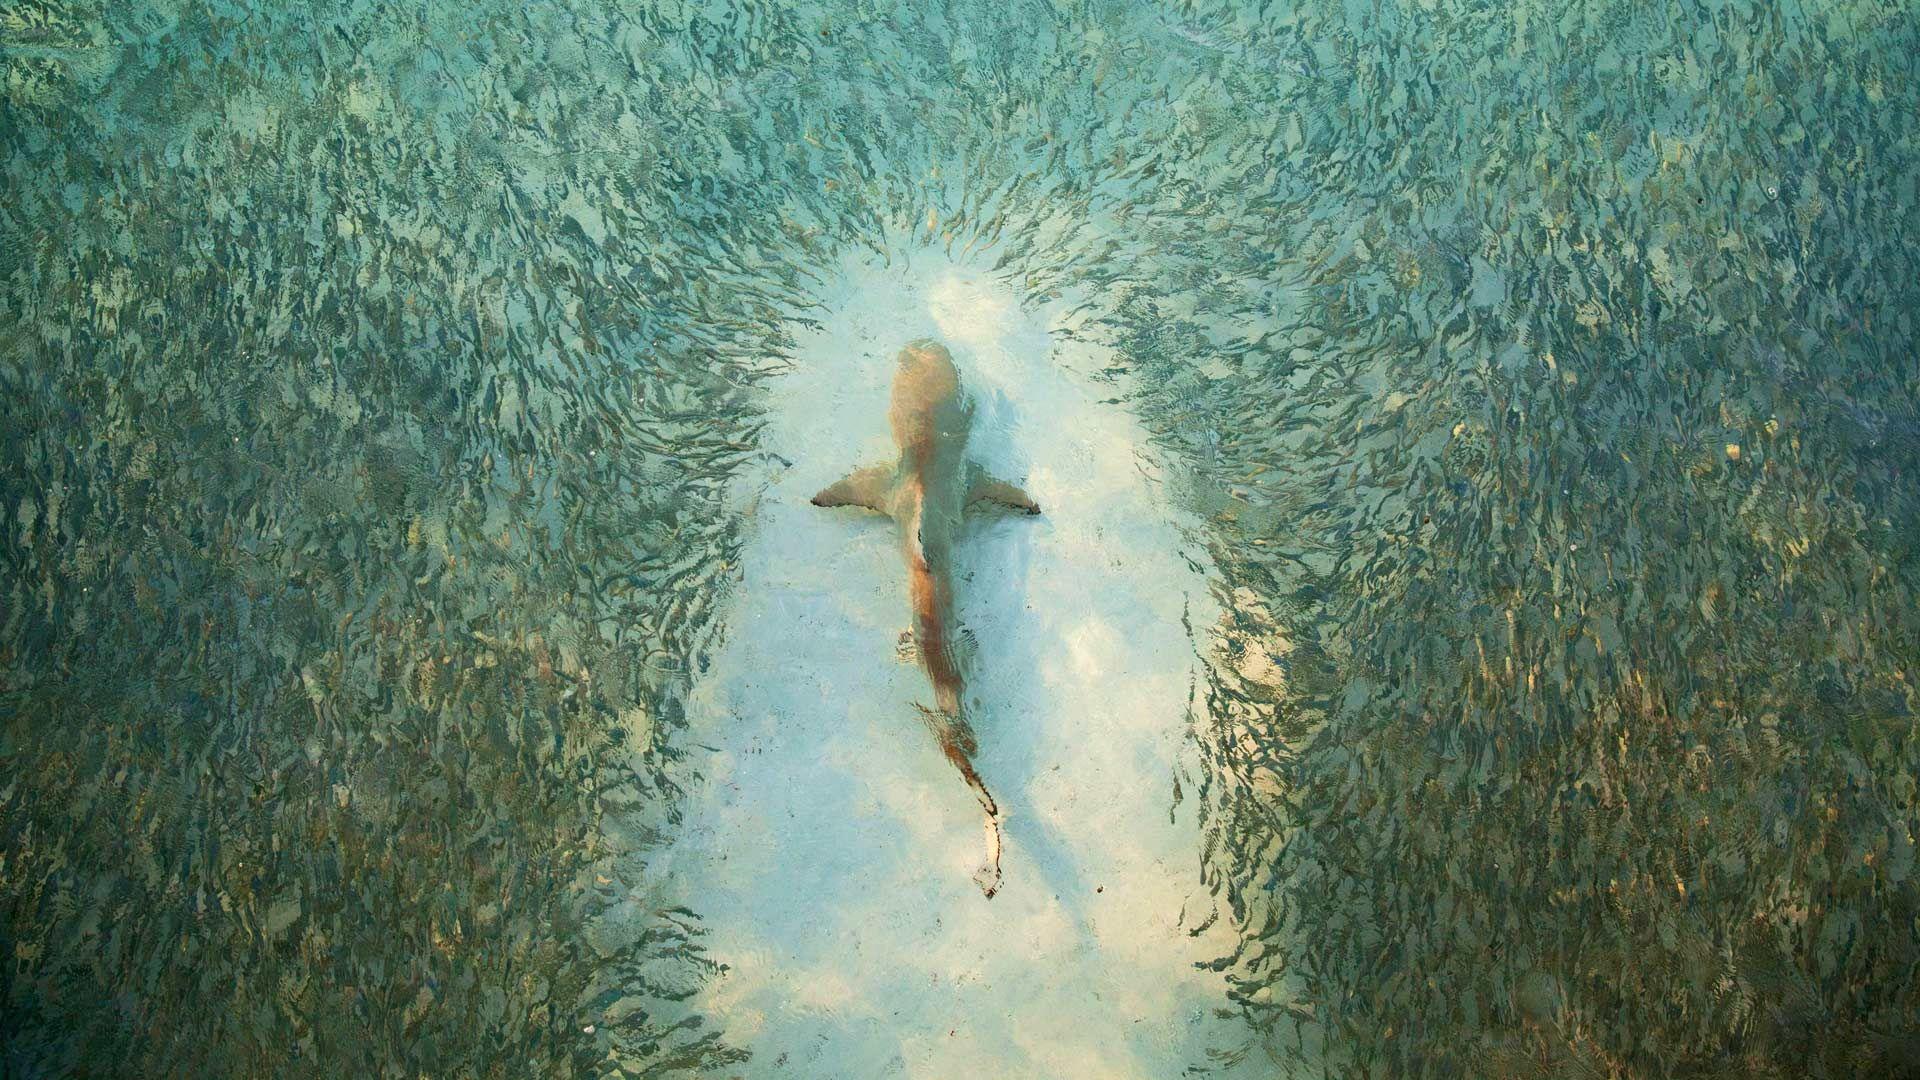 Fish avoid a shark near Heron Island, Australia (© Scott